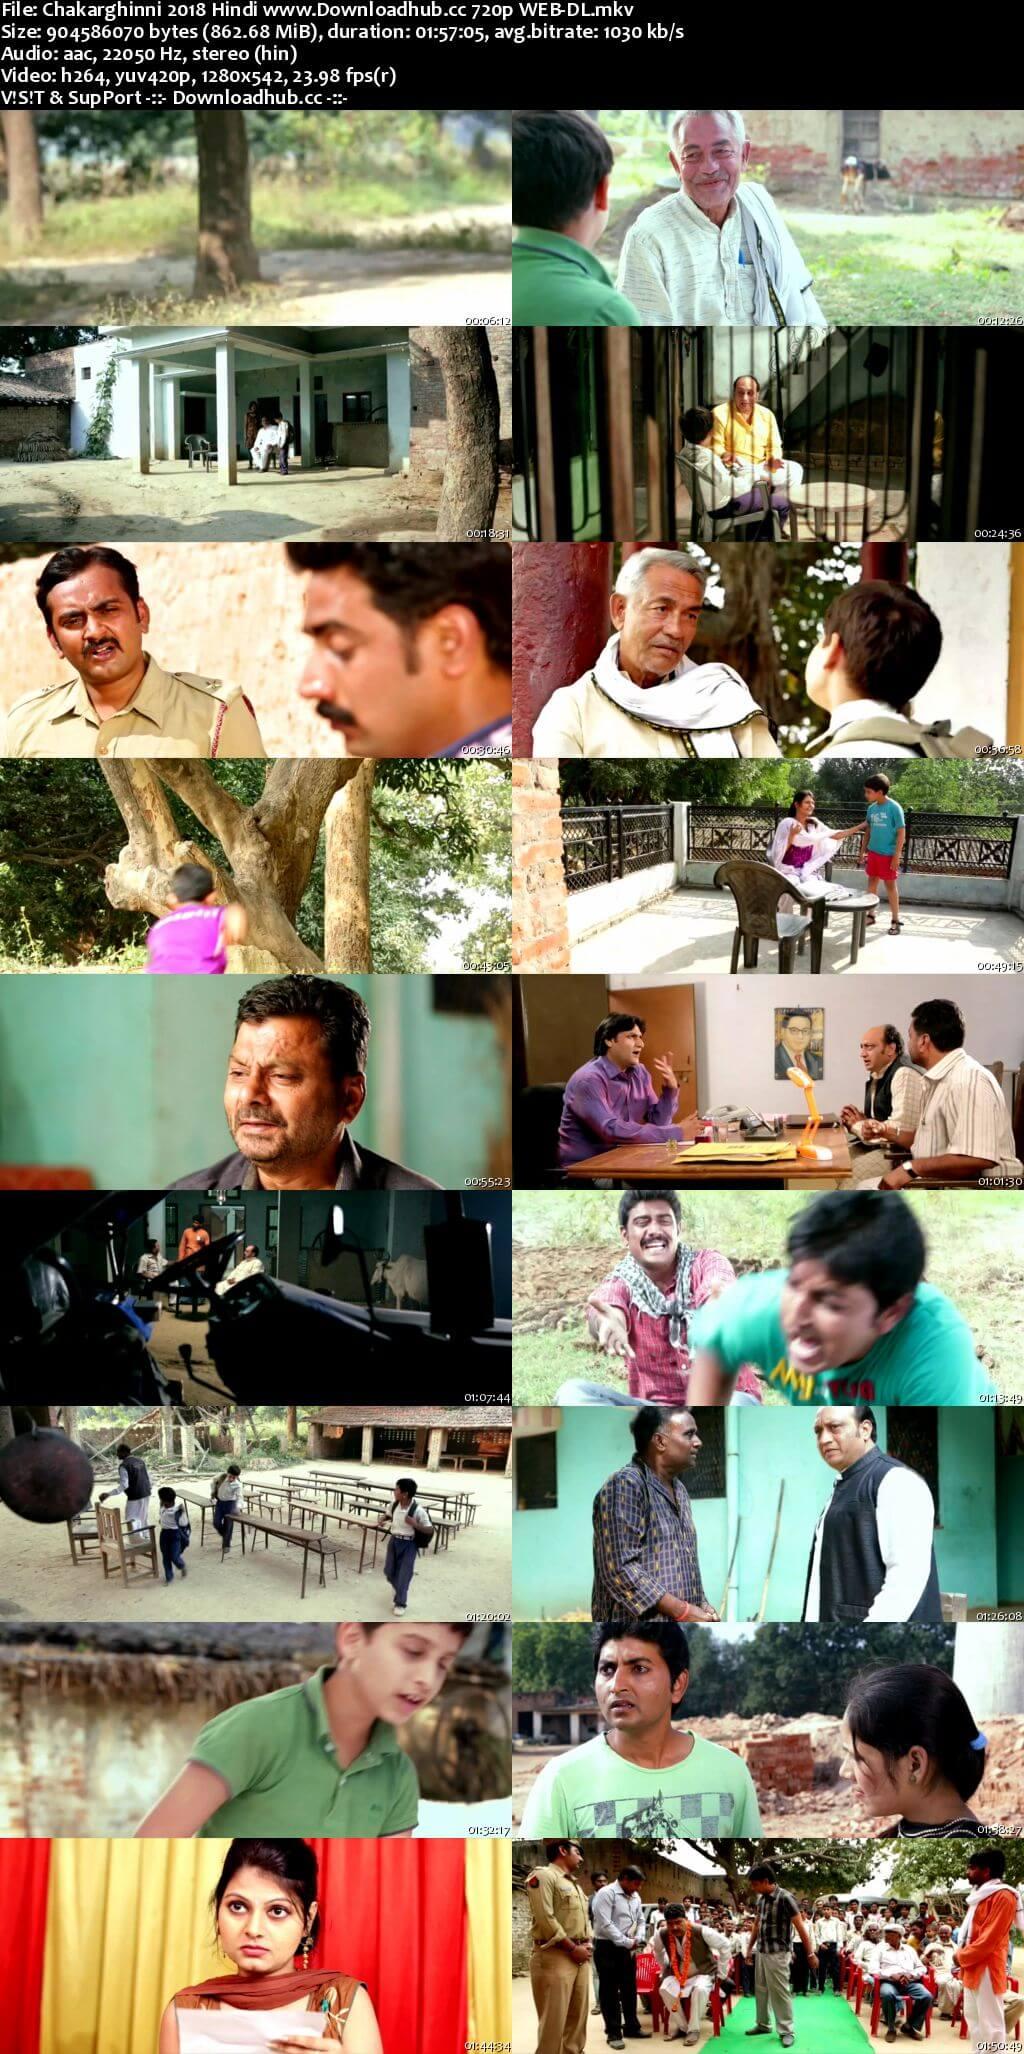 Chakarghinni 2018 Hindi 720p HDRip